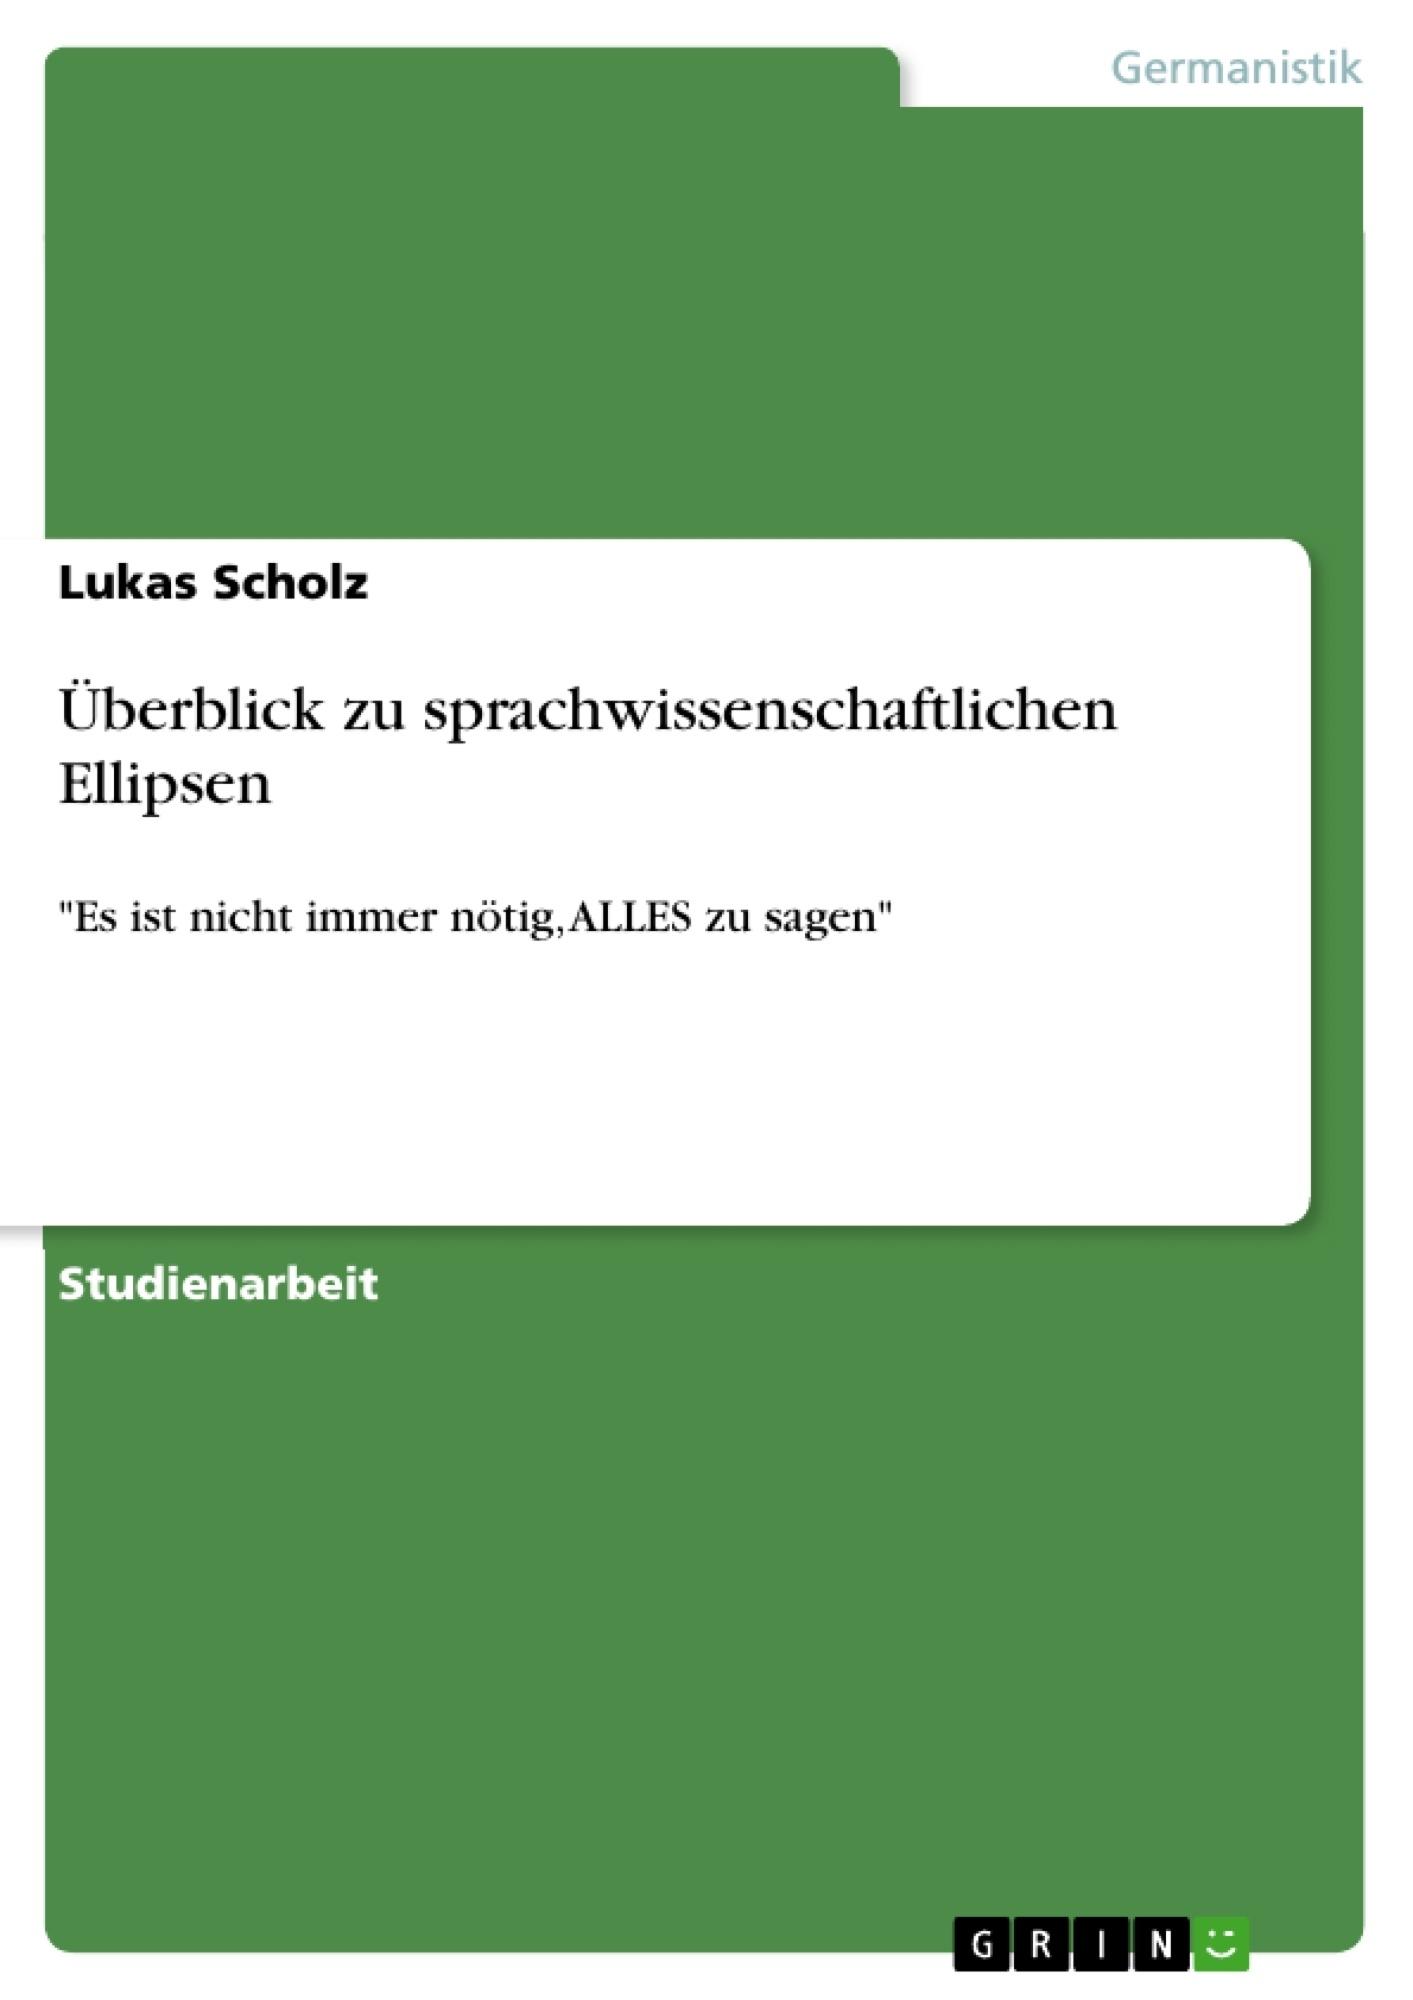 Titel: Überblick zu sprachwissenschaftlichen Ellipsen